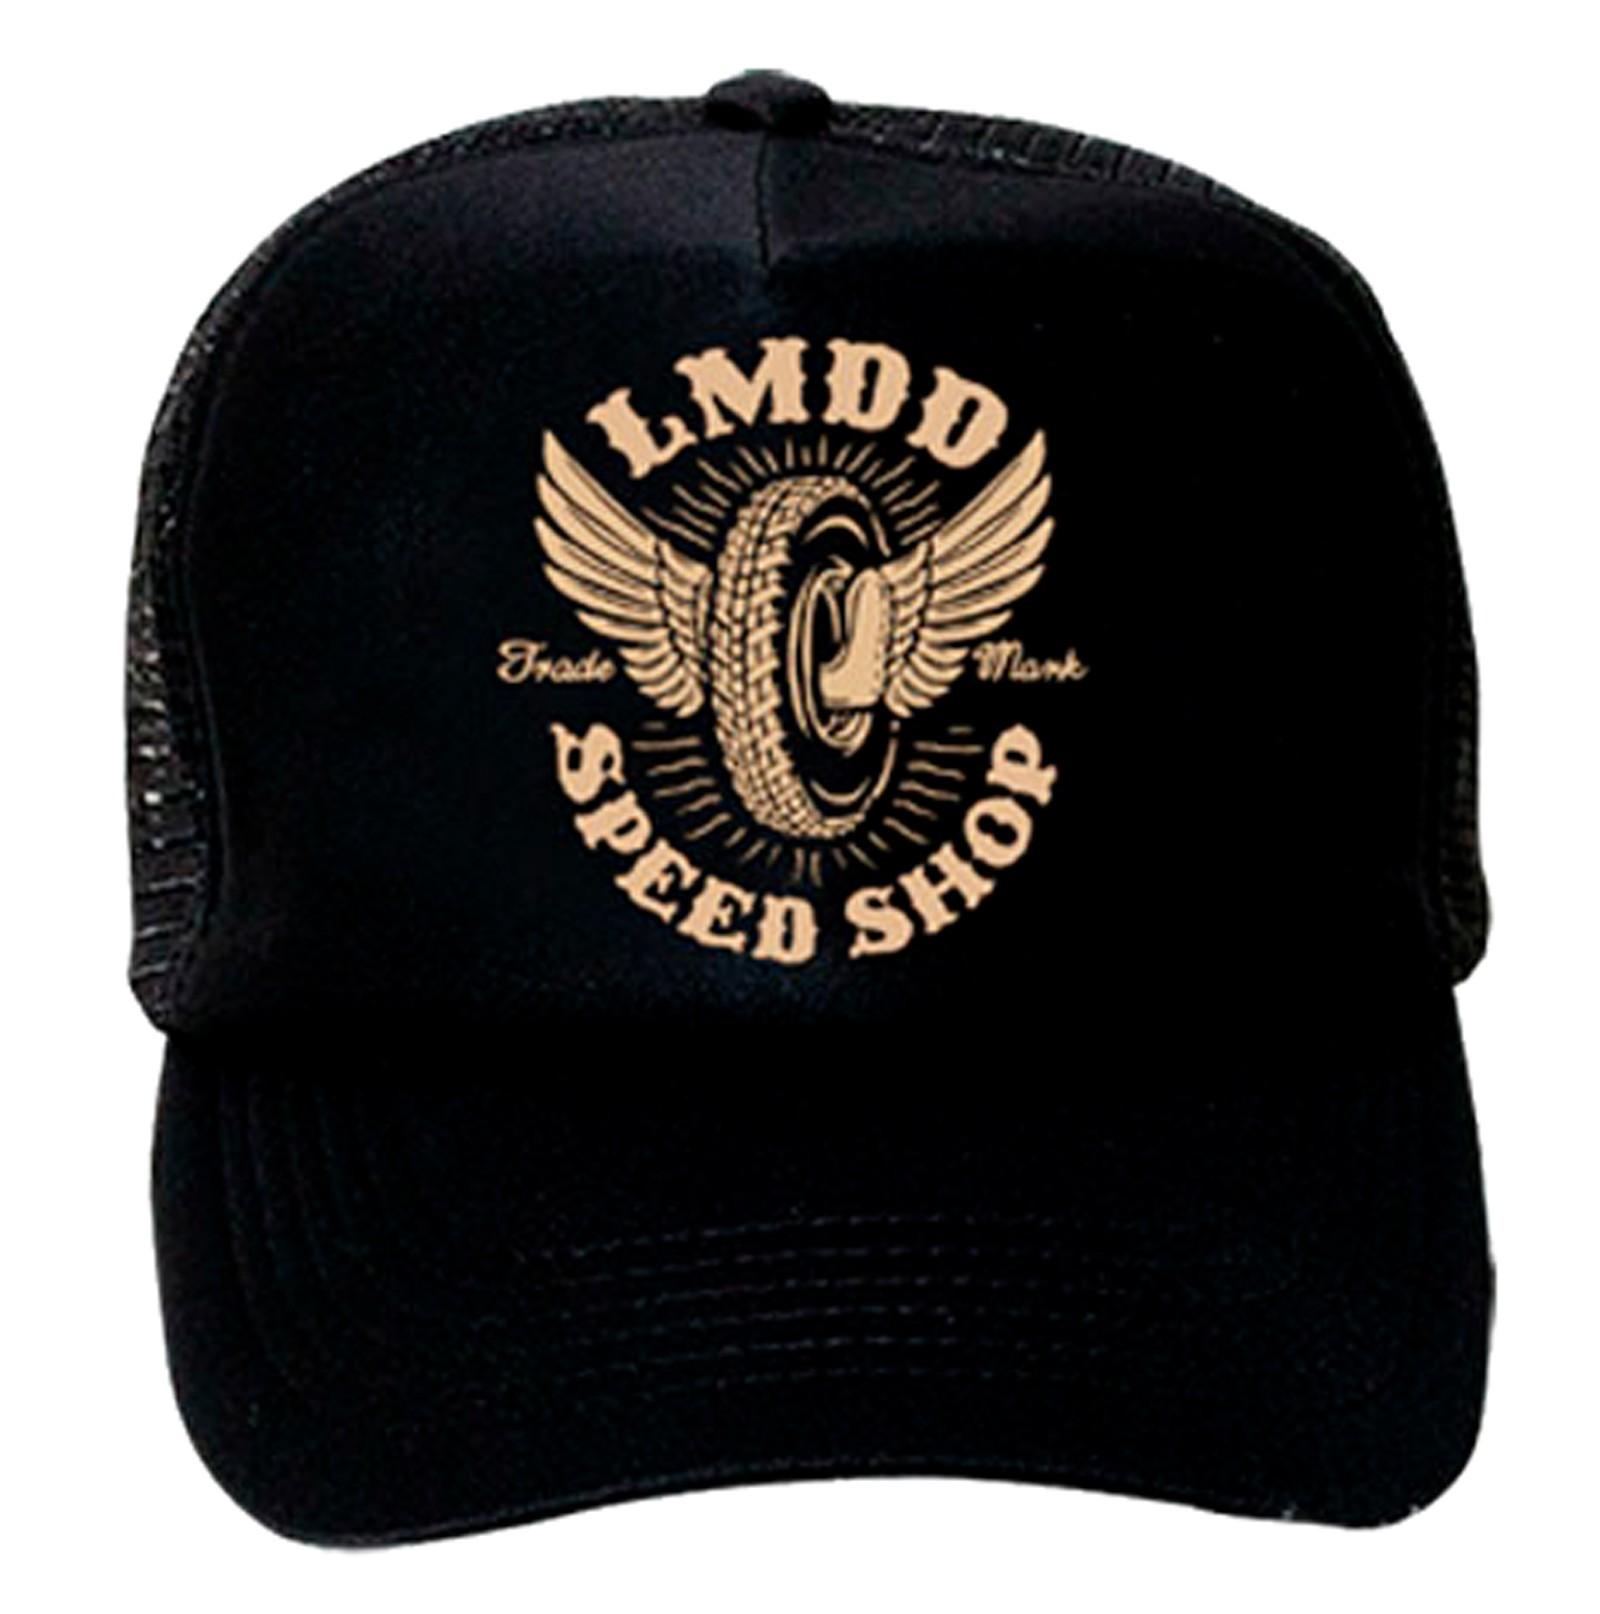 La Marca Del Diablo - LMDD Speed Shop Trucker Cap